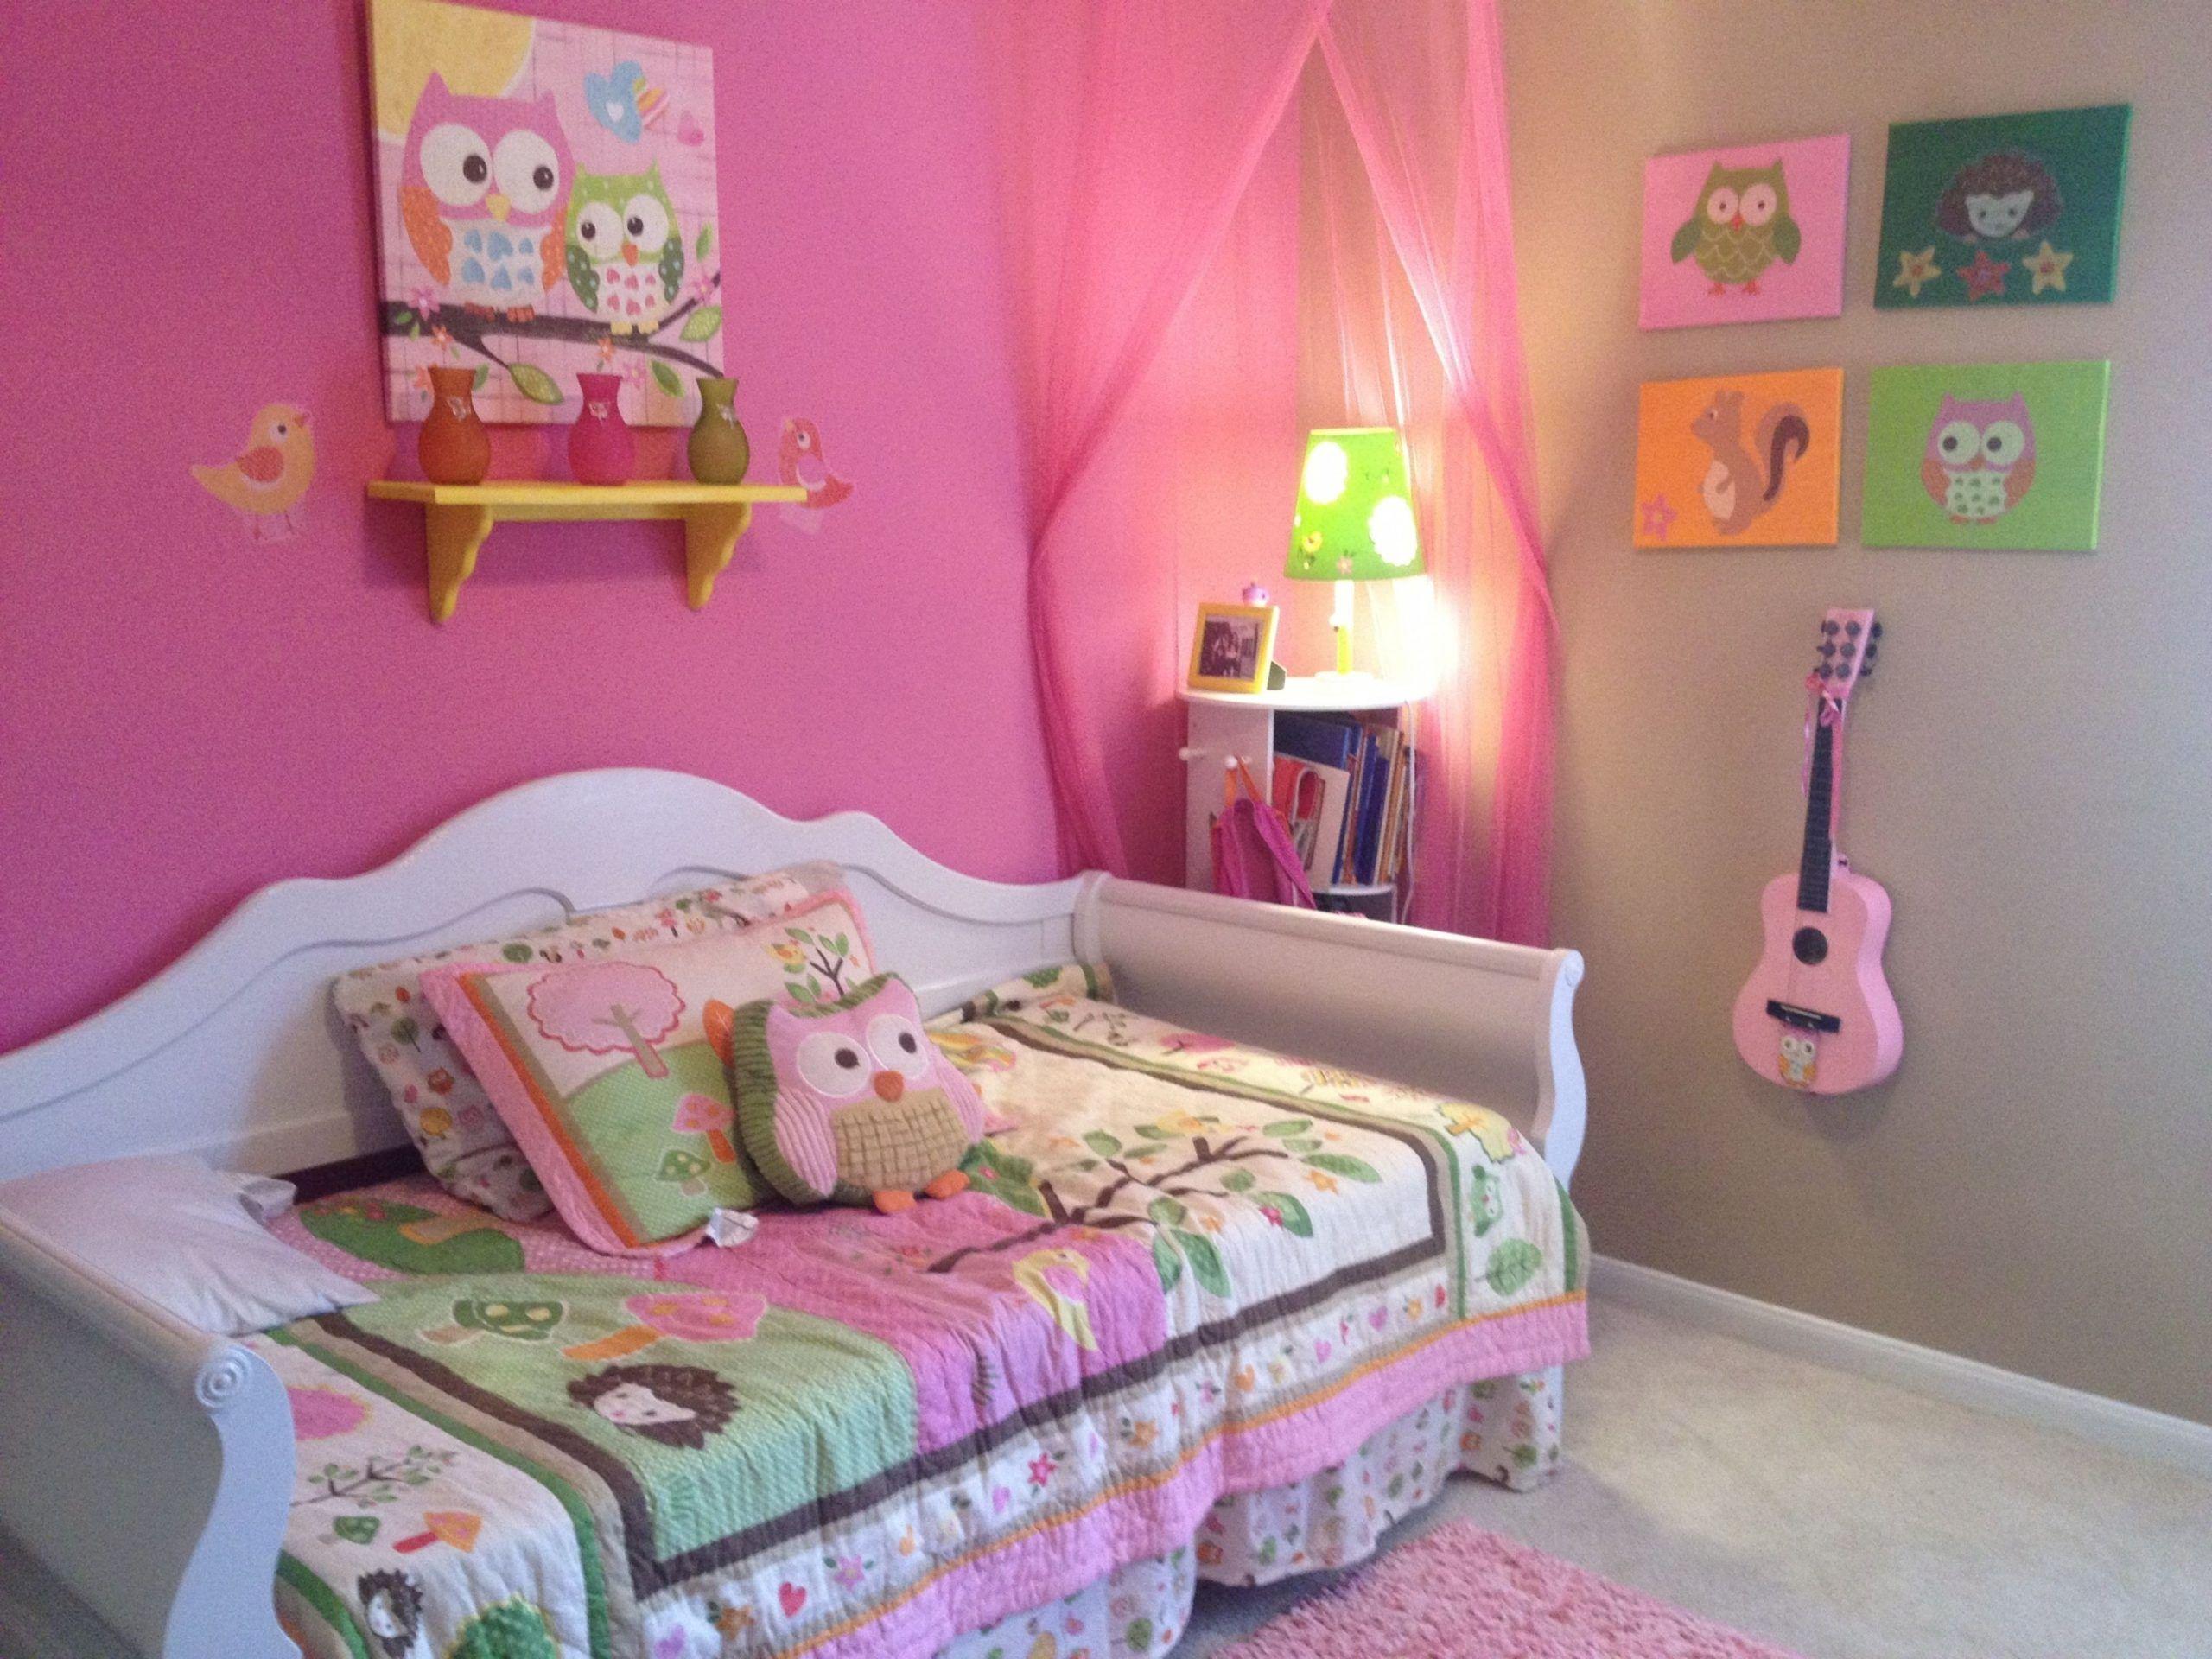 Owl Bedroom Decor in 9  Owl bedroom decor, Girls bedroom